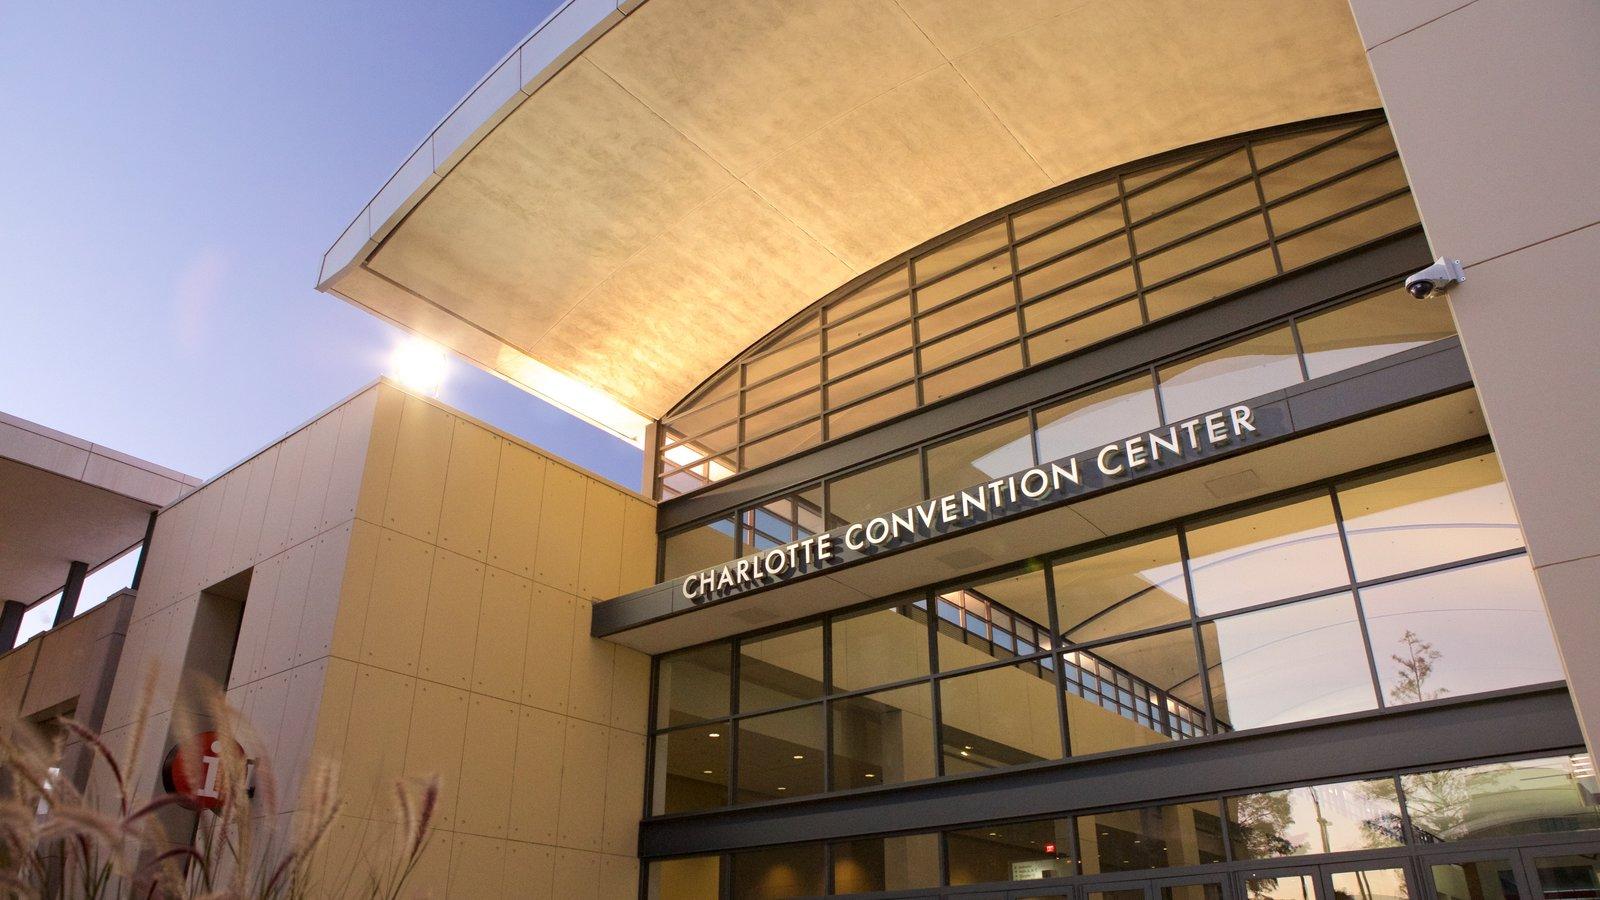 Charlotte Convention Center que inclui sinalização e arquitetura moderna